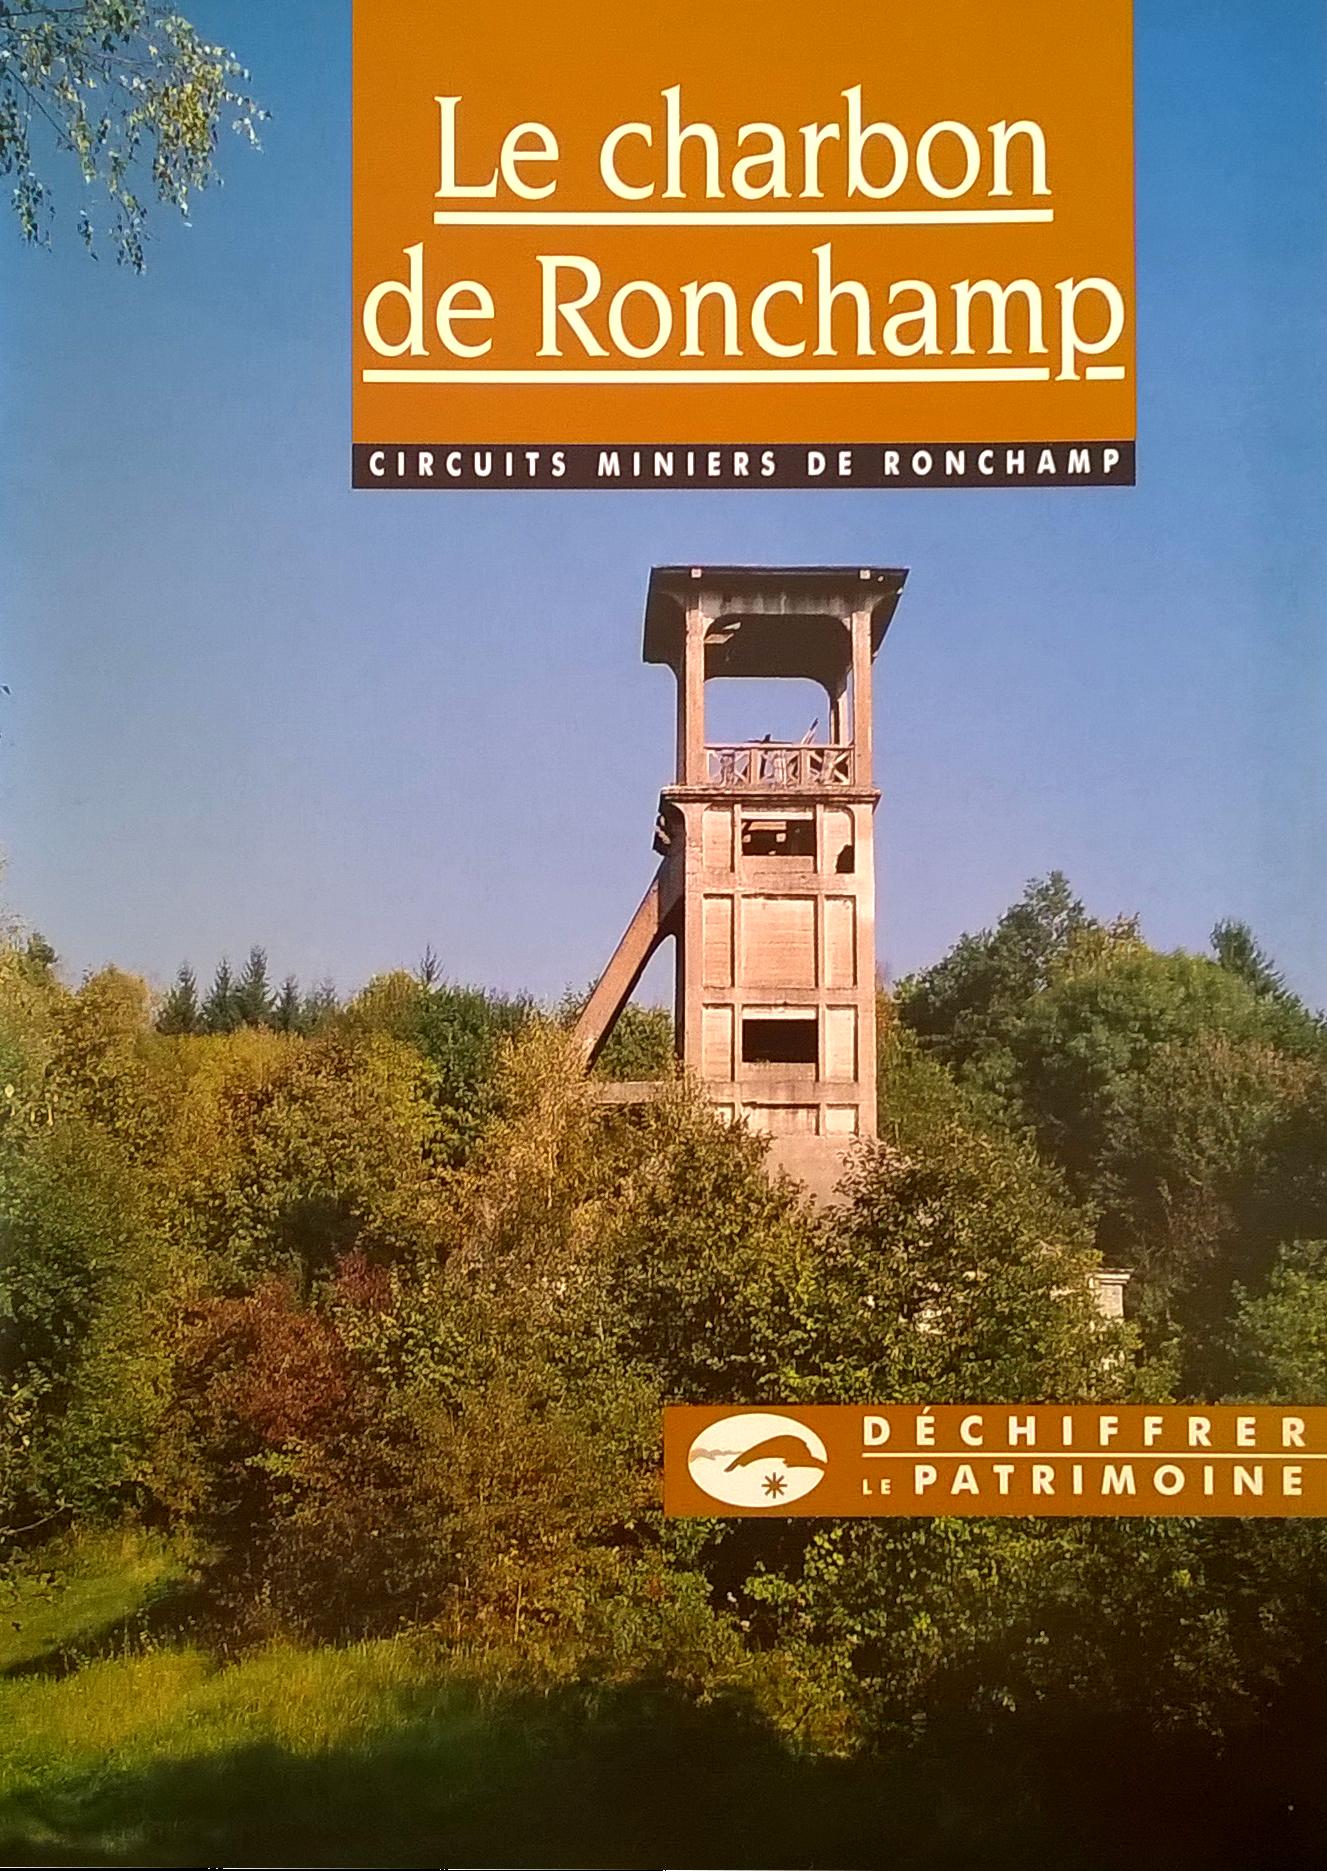 Le charbon de Ronchamp